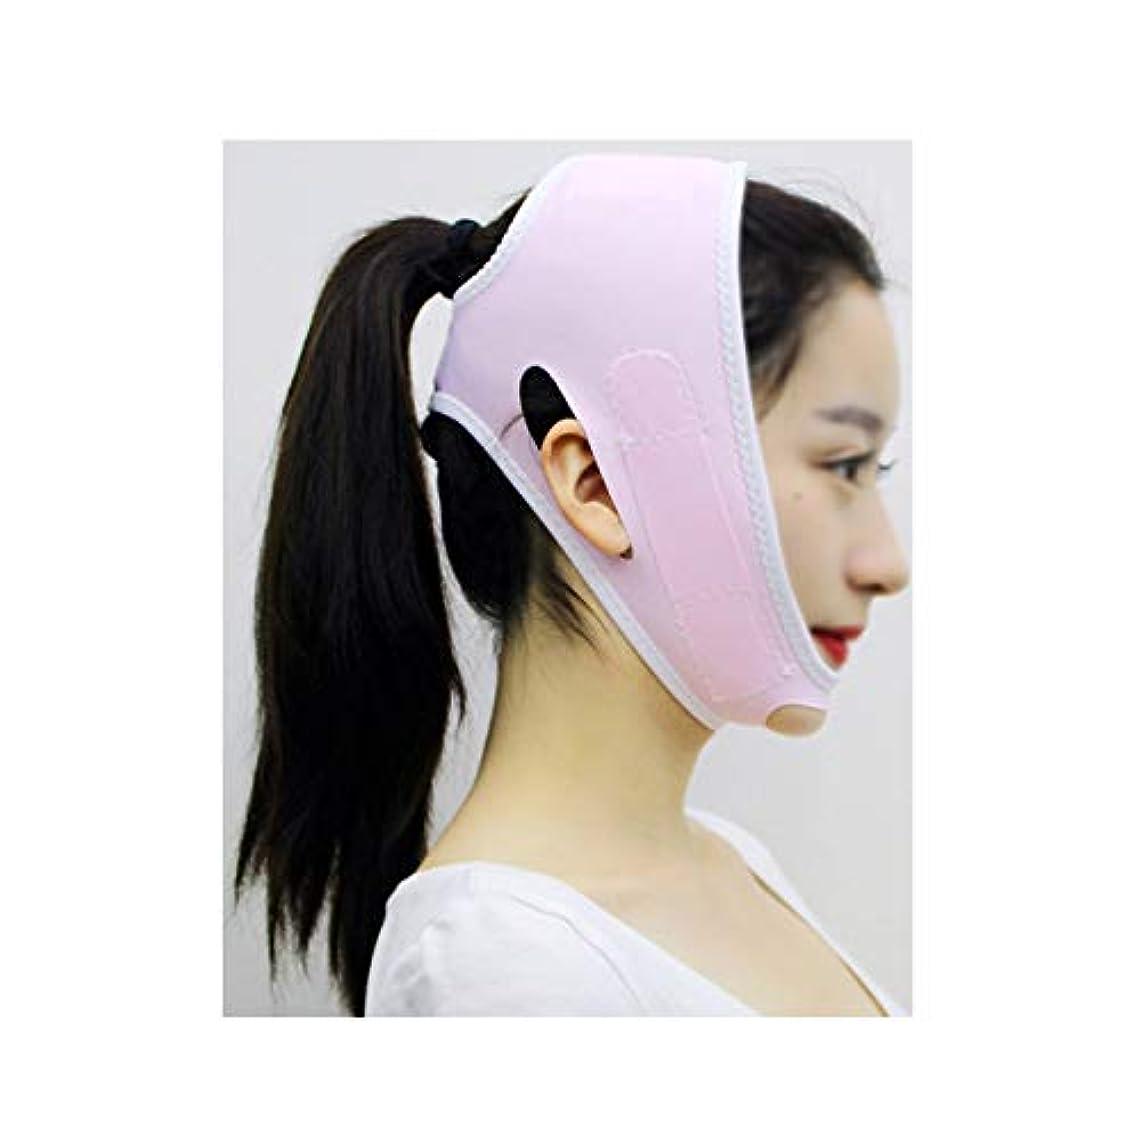 ドレスモネサミットフェイスリフトマスク、あごストラップ回復ポスト包帯ヘッドギアフェイスマスクフェイスリフト小さなv顔アーティファクト整形美容ゴムバンドフェイスとネックリフト (Color : Pink)